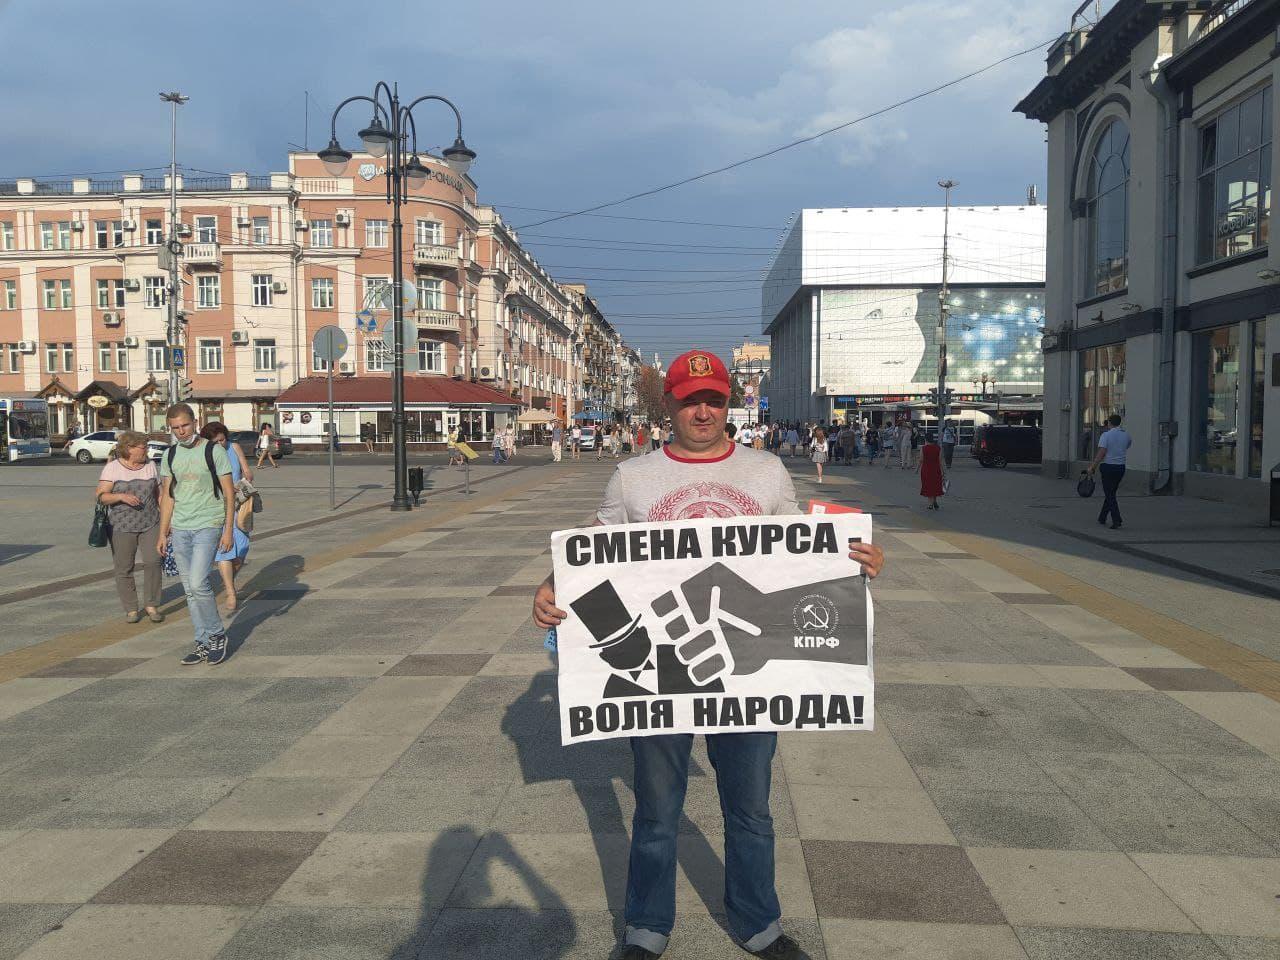 Пикет в Саратове: Требуем смены курса!